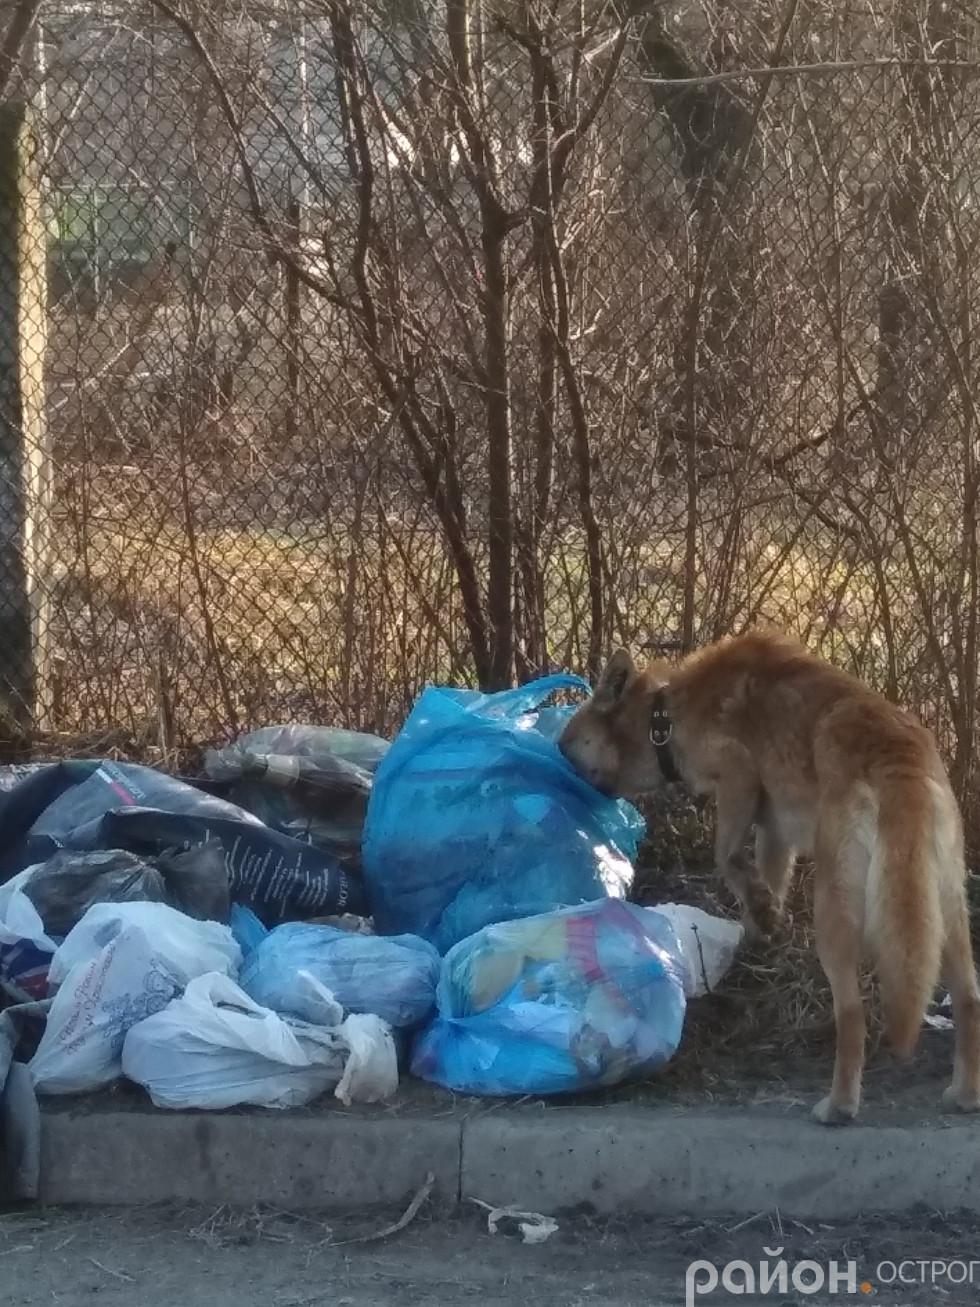 Пес хазяйнує у смітті навколо контейнерів